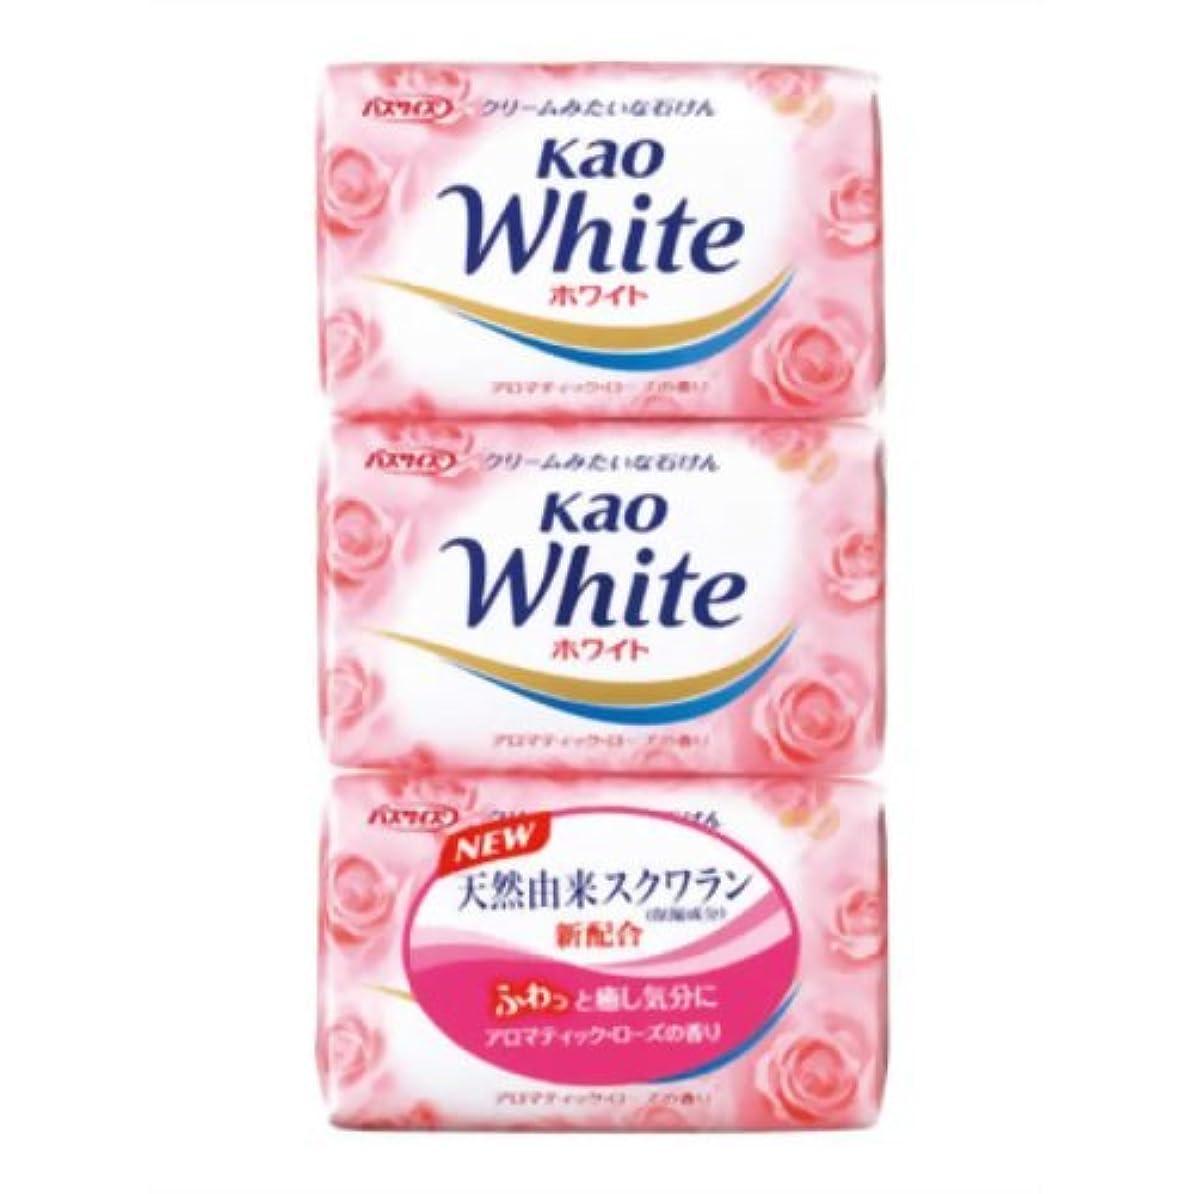 君主バドミントンアリ花王ホワイト アロマティックローズの香り バスサイズ 130g*3個入